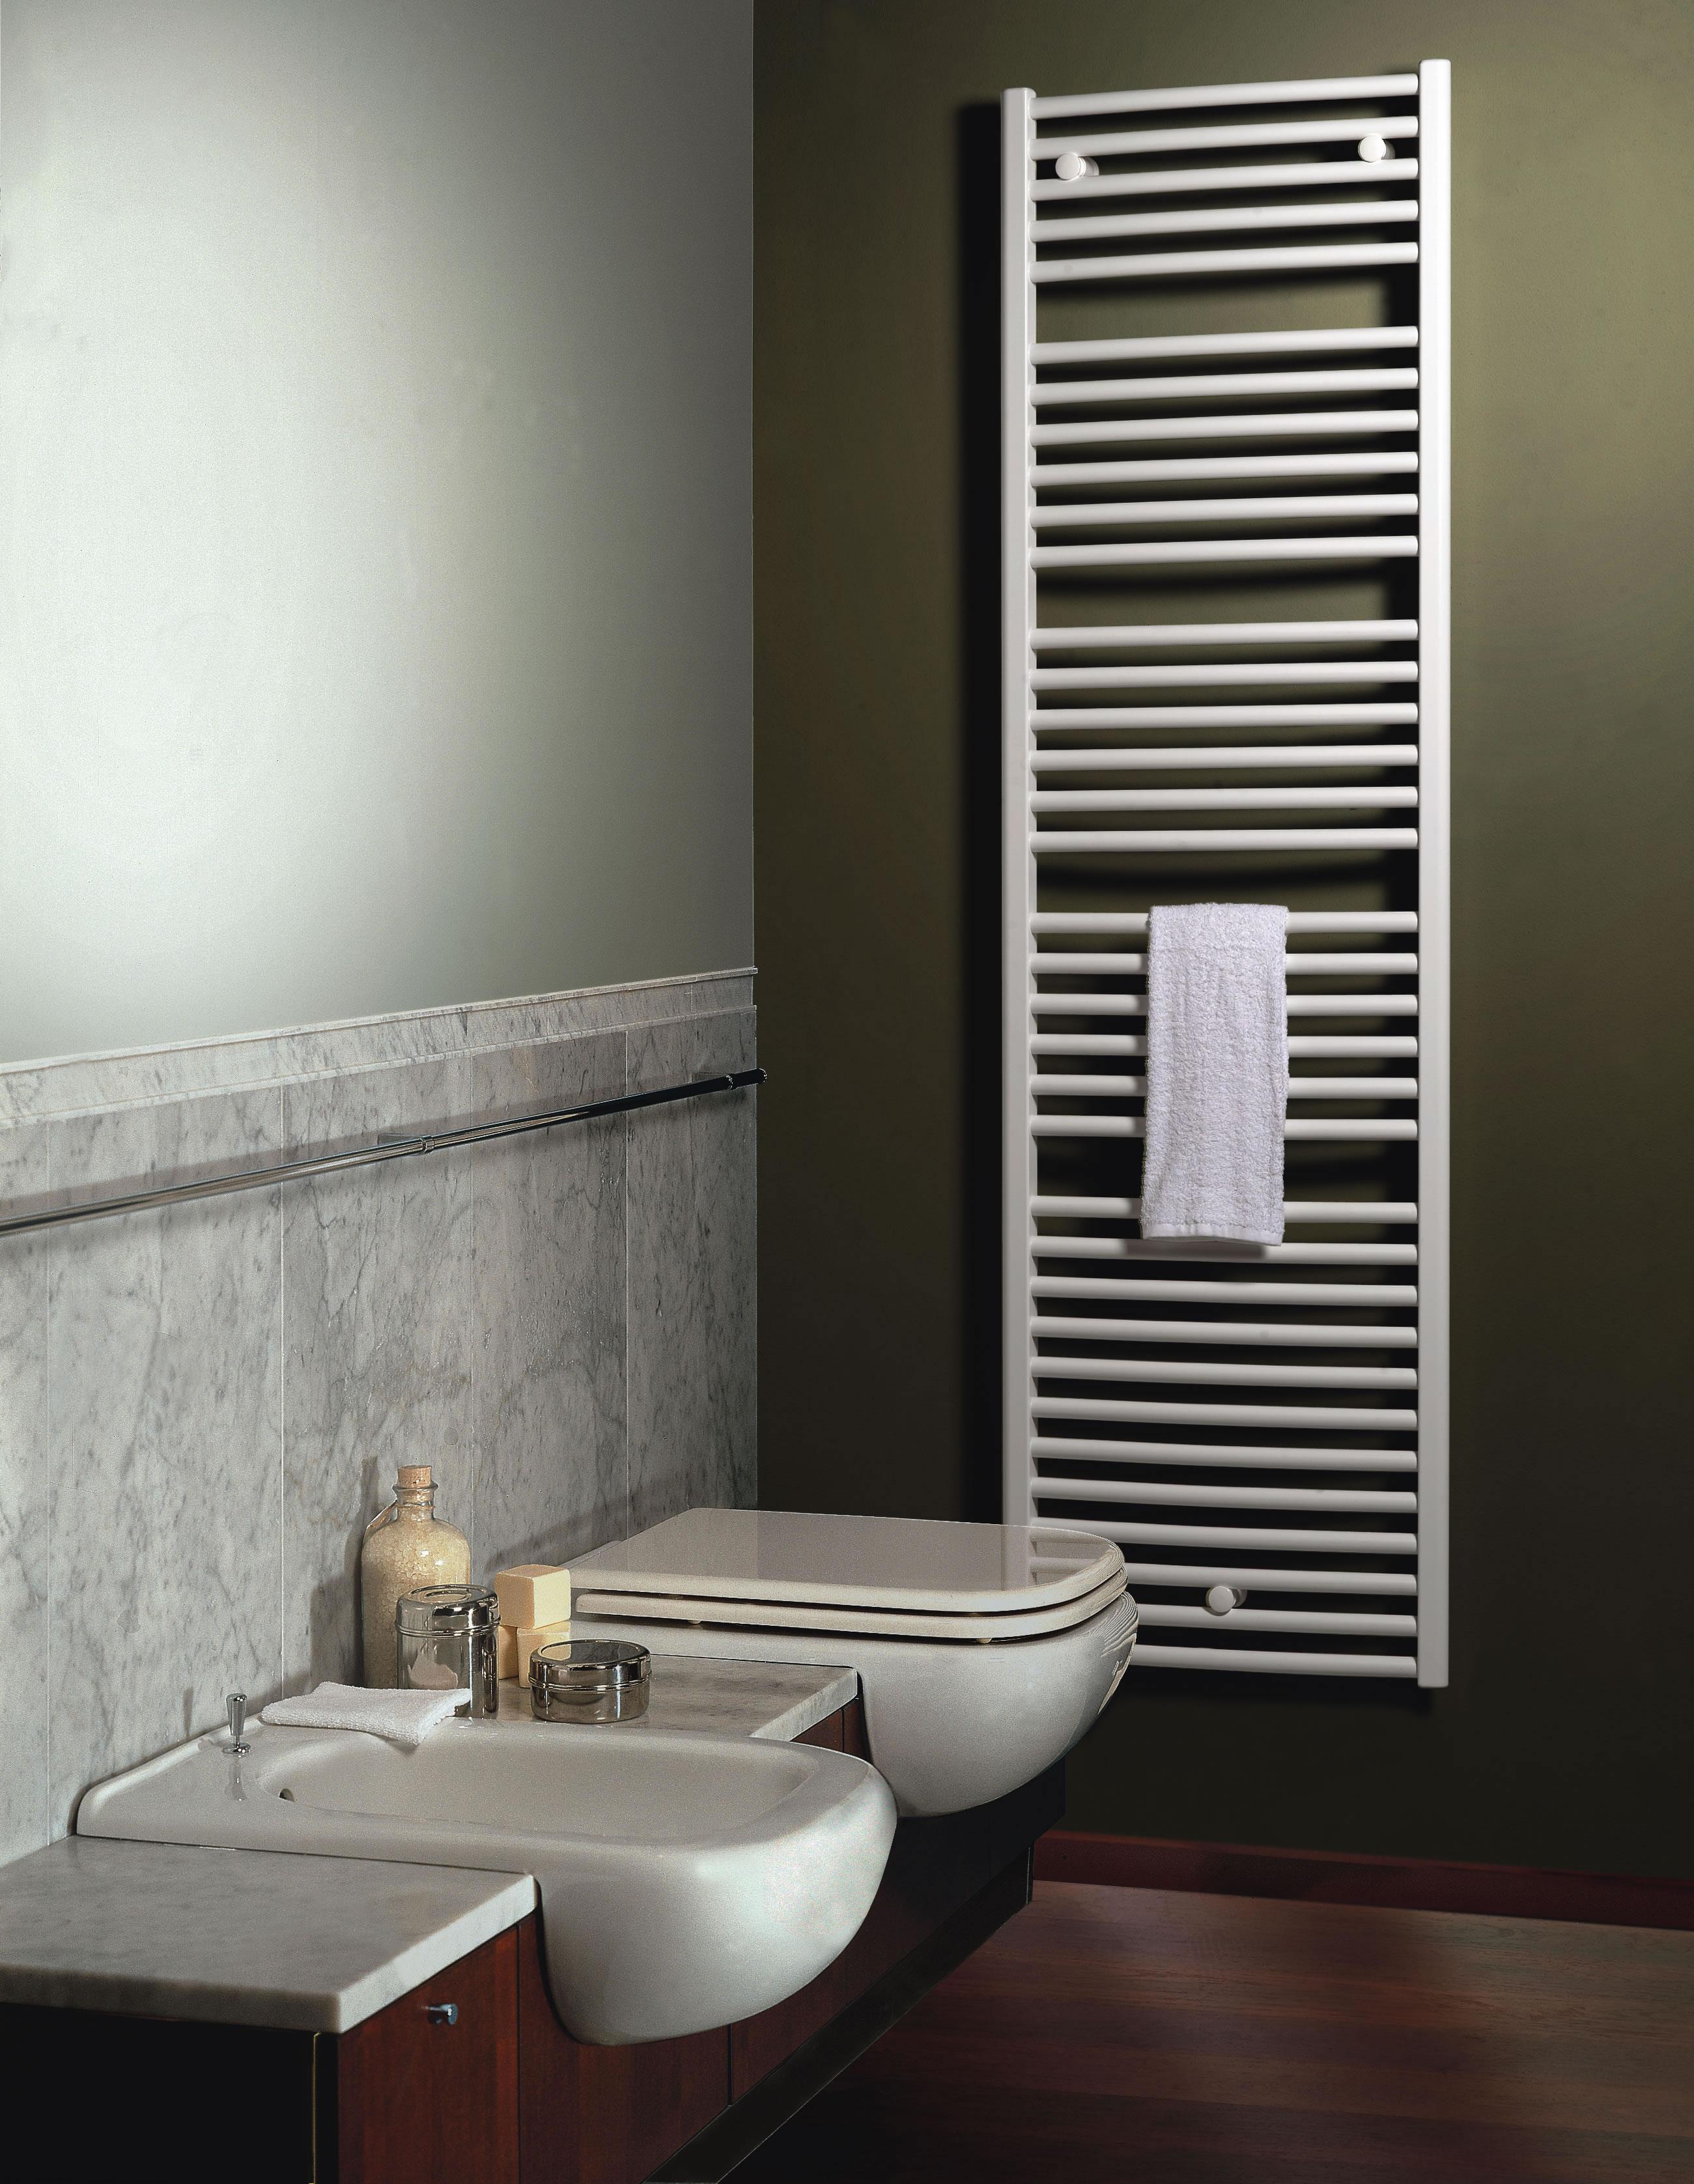 Veraline Economy Handdoekradiator.Verwarming Bij Cvtotaal Producten En Prijslijst